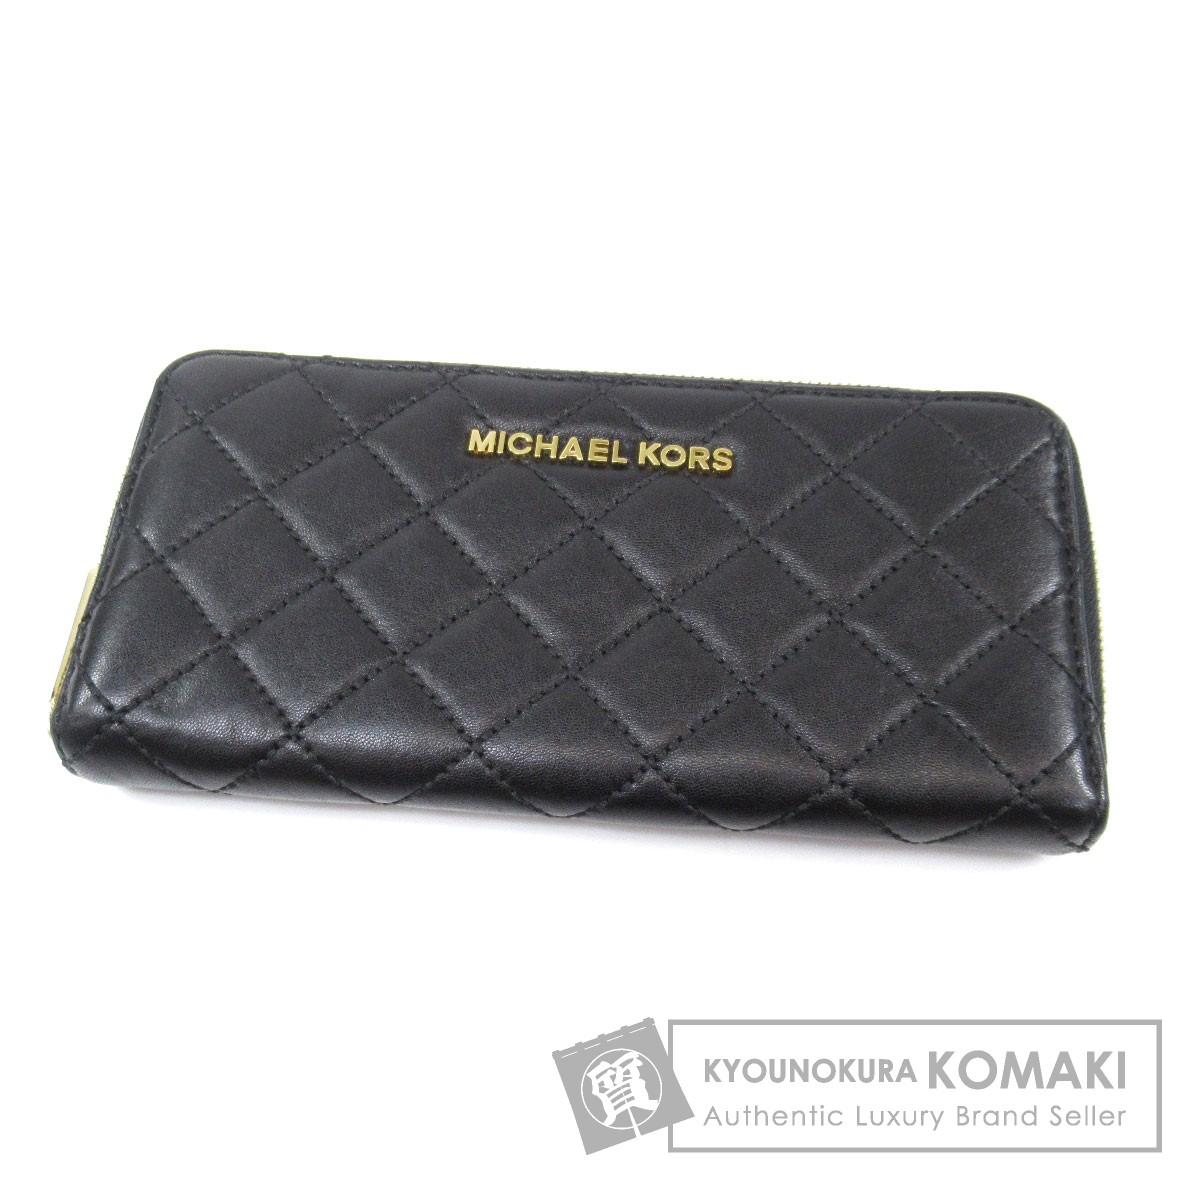 MICHAEL MICHAEL KORS ラウンドファスナー 長財布(小銭入れあり) レディース レディース 【中古】【マイケルマイケルコース】